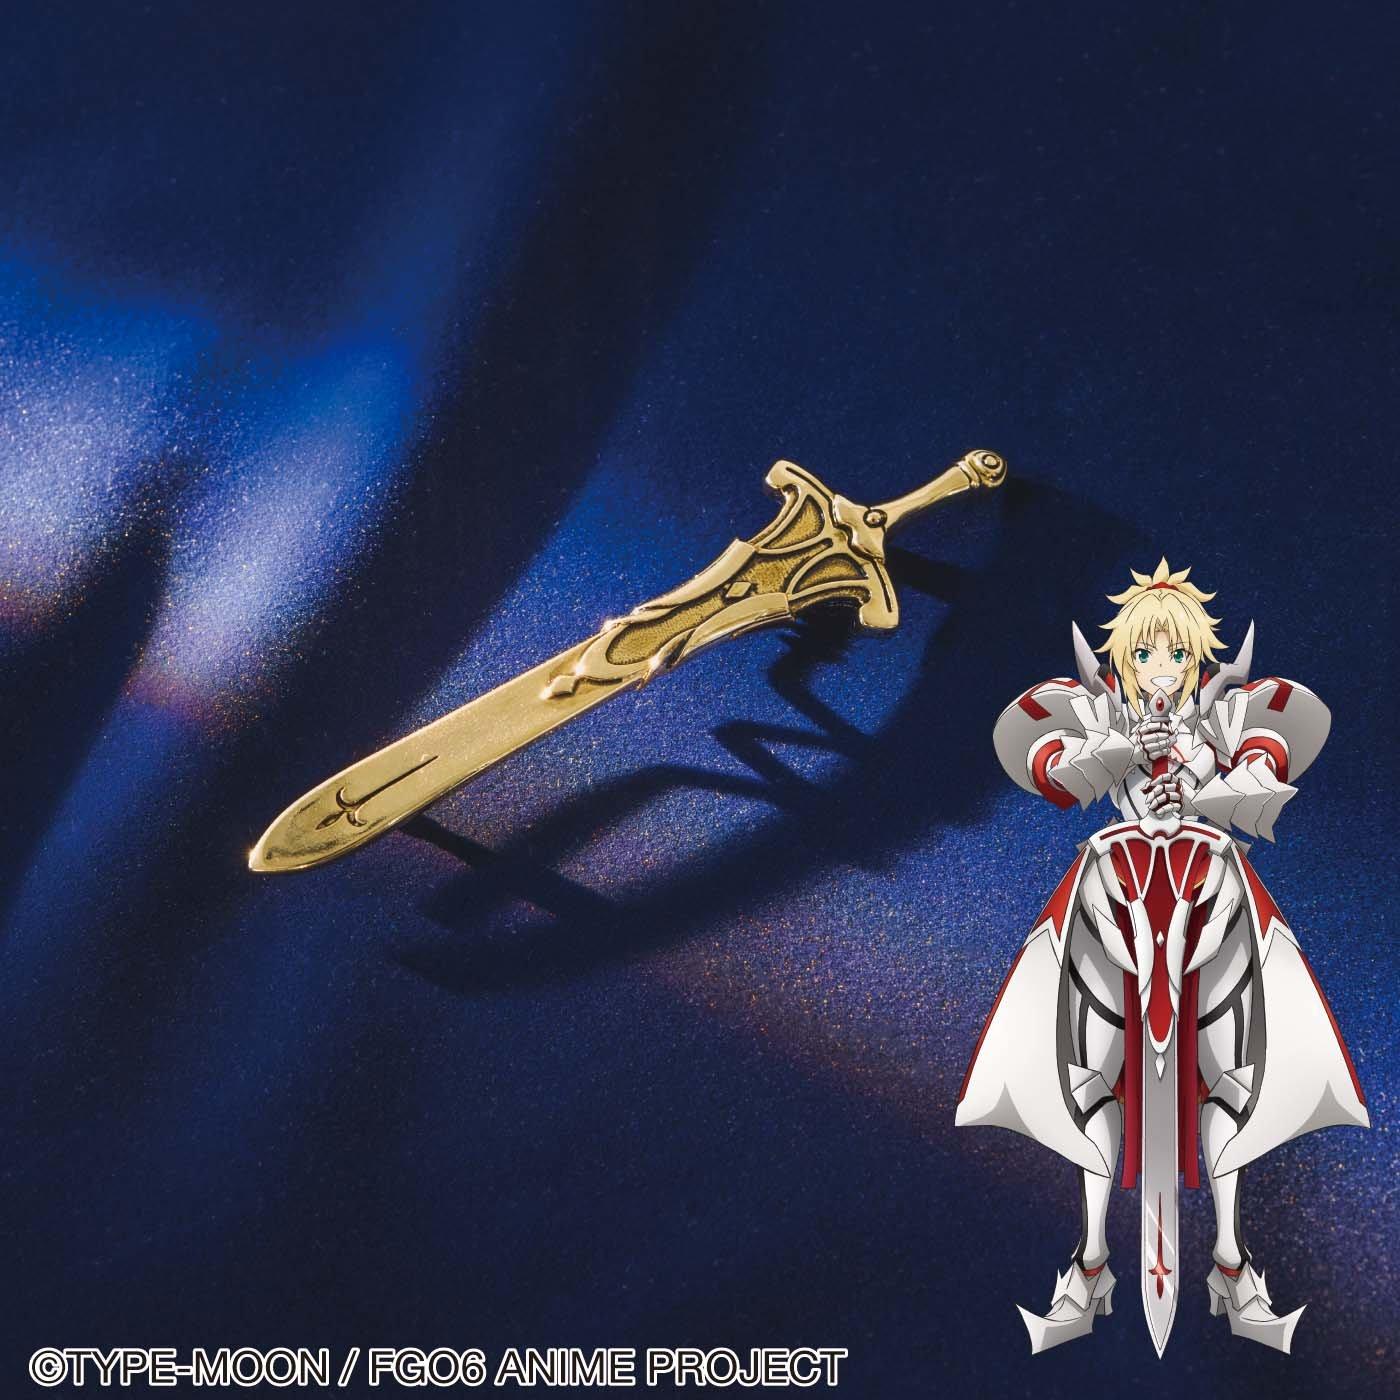 劇場版Fate/Grand Order-神聖円卓領域キャメロット- 円卓の騎士 バレッタ〈クラレント〉